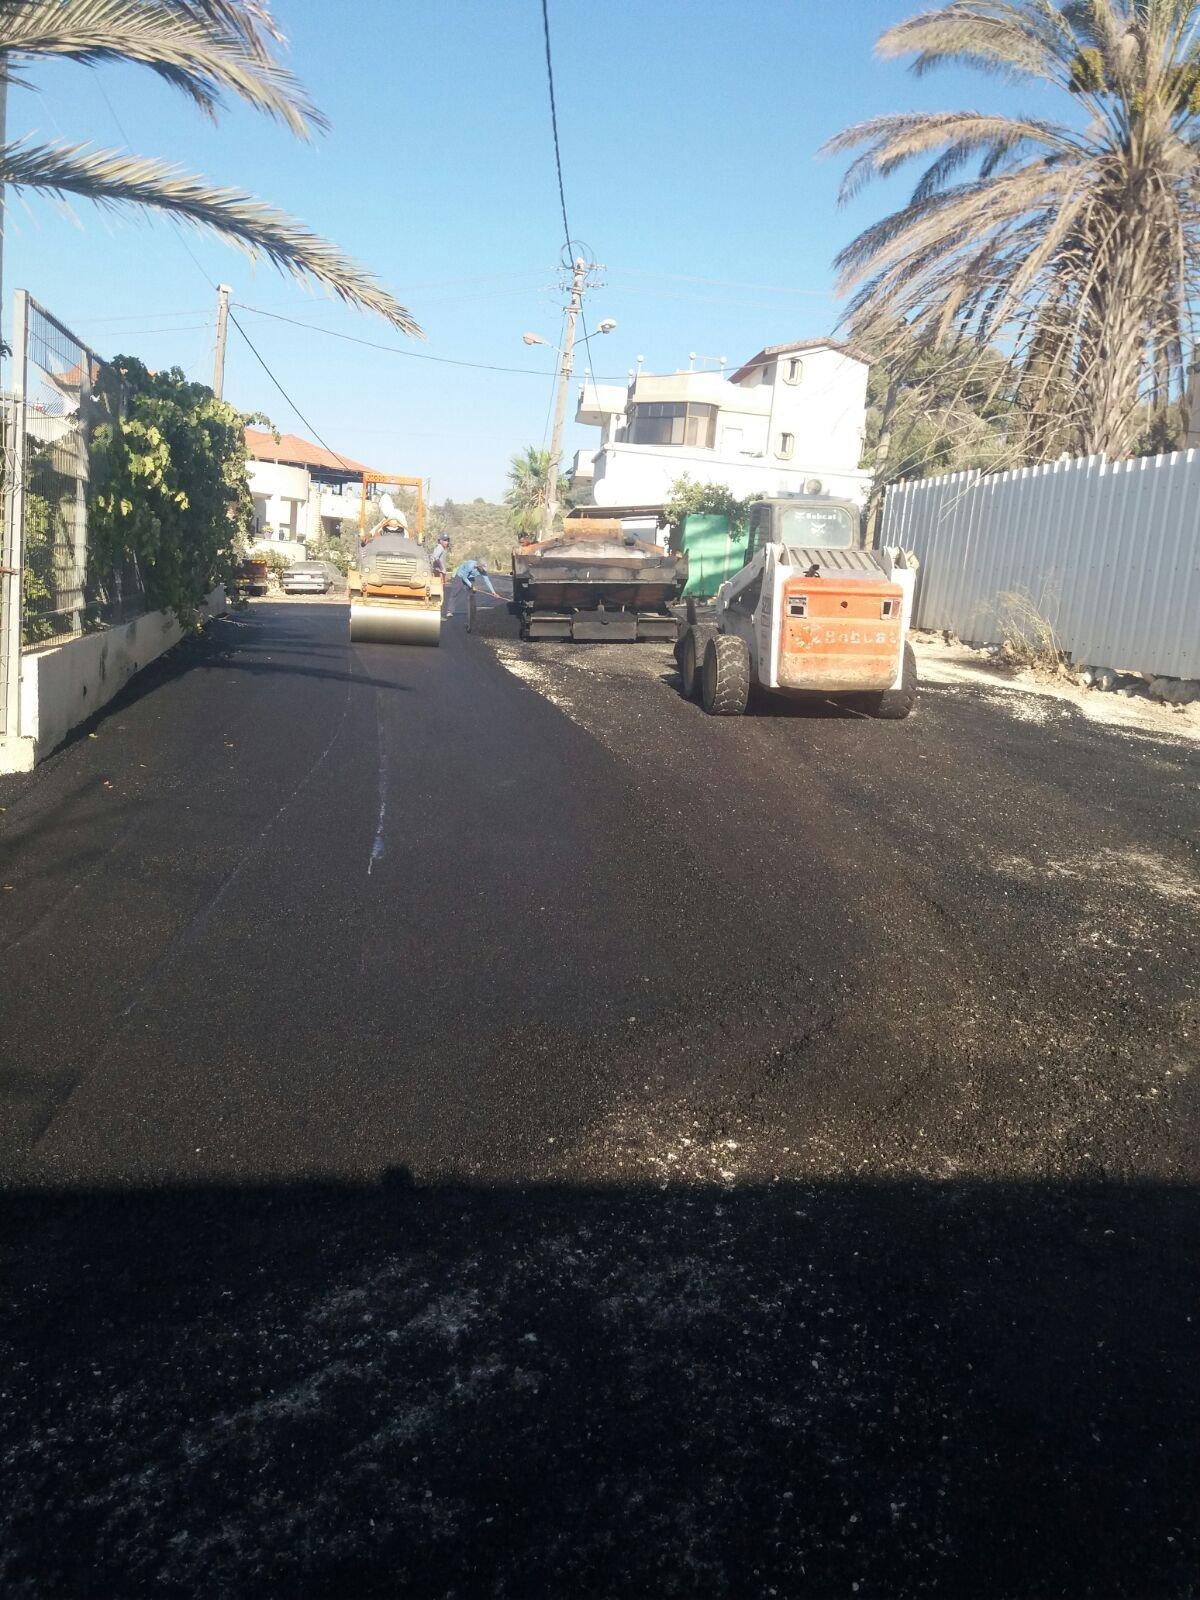 أعمال تعبيد شوارع بالدحي وتنظيف وصيانة بكل قرى بستان المرج قبيل العيد